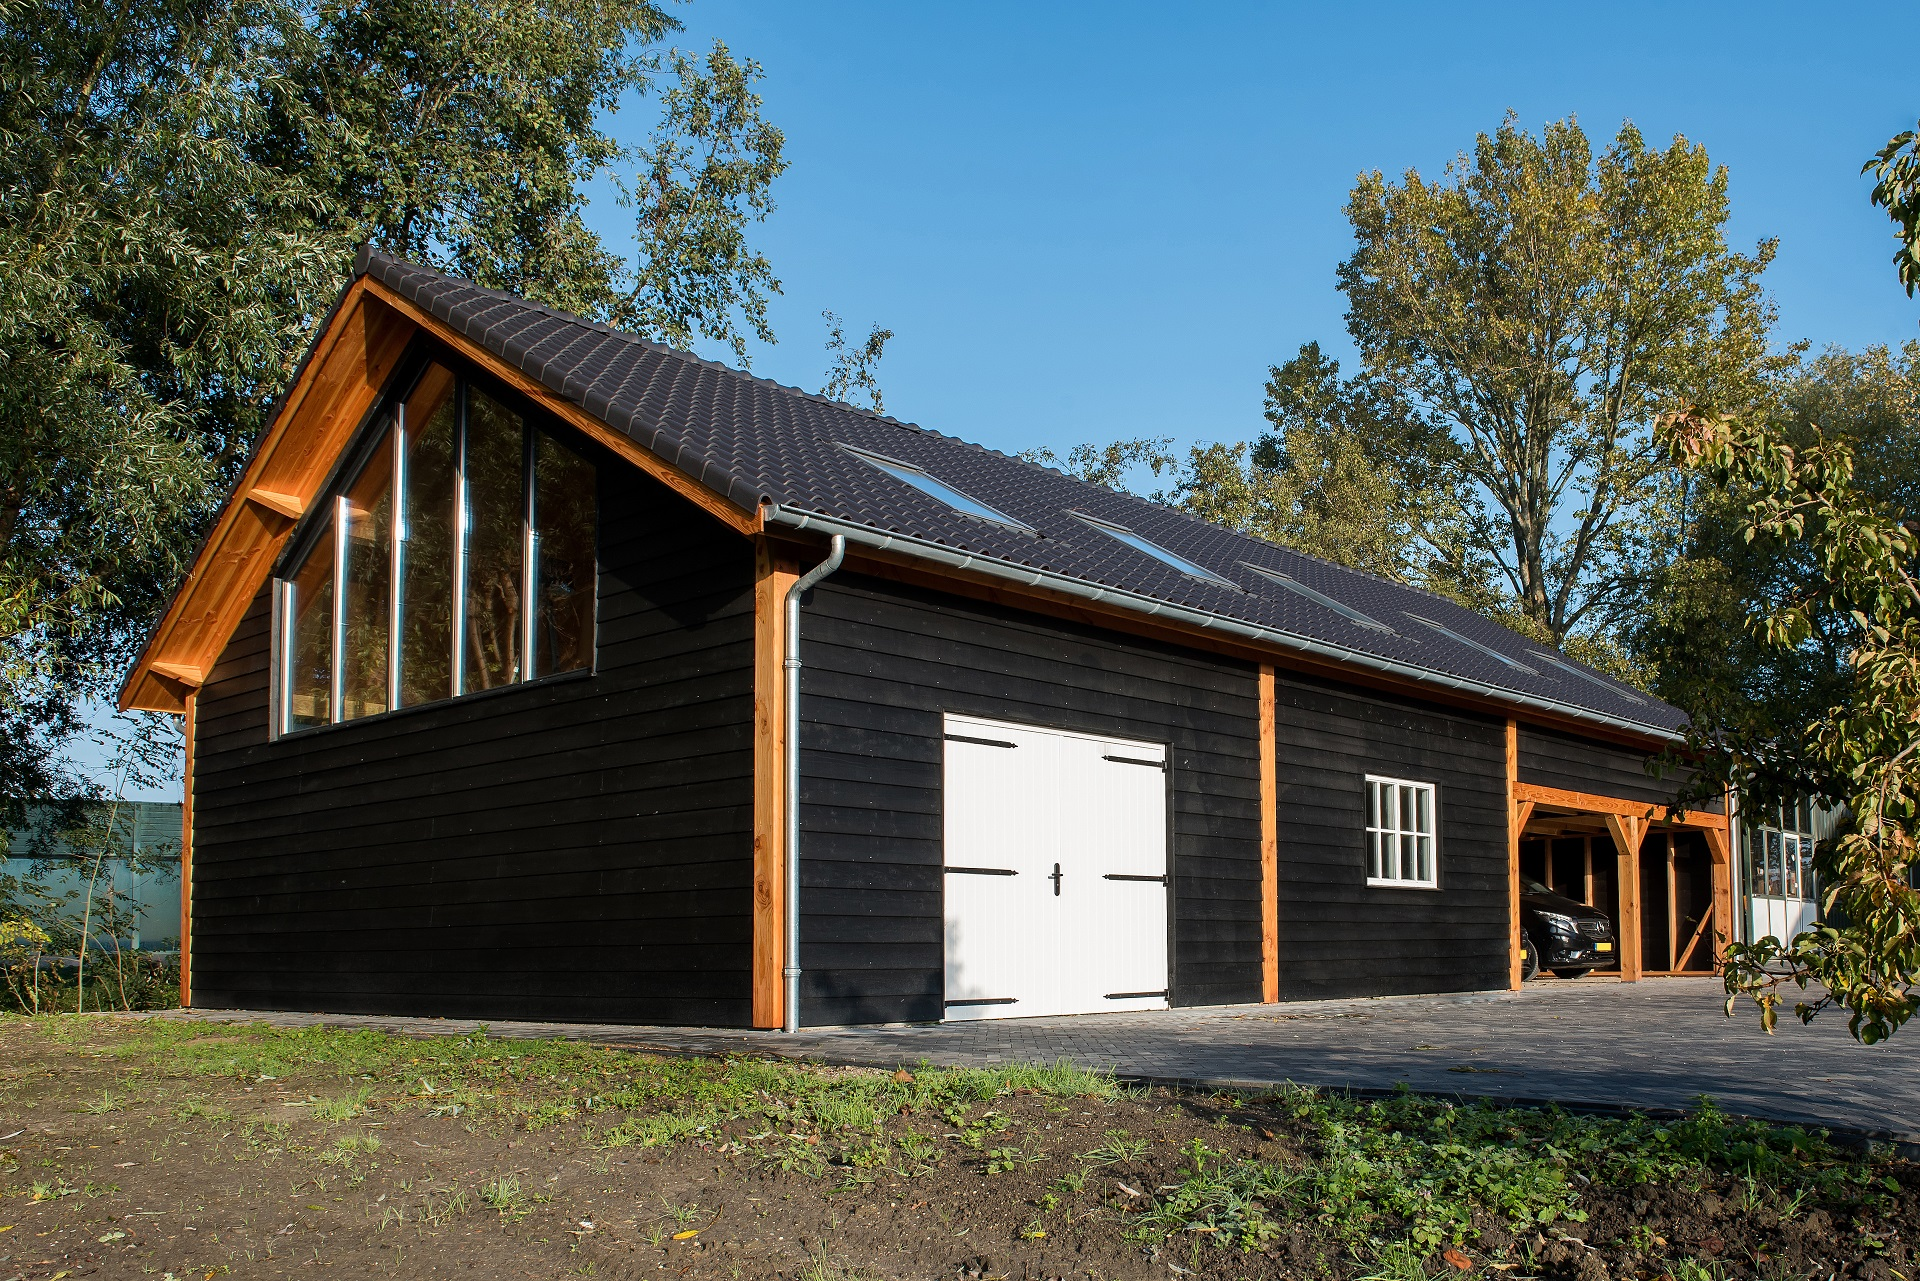 Garage met zolder van Douglas hout